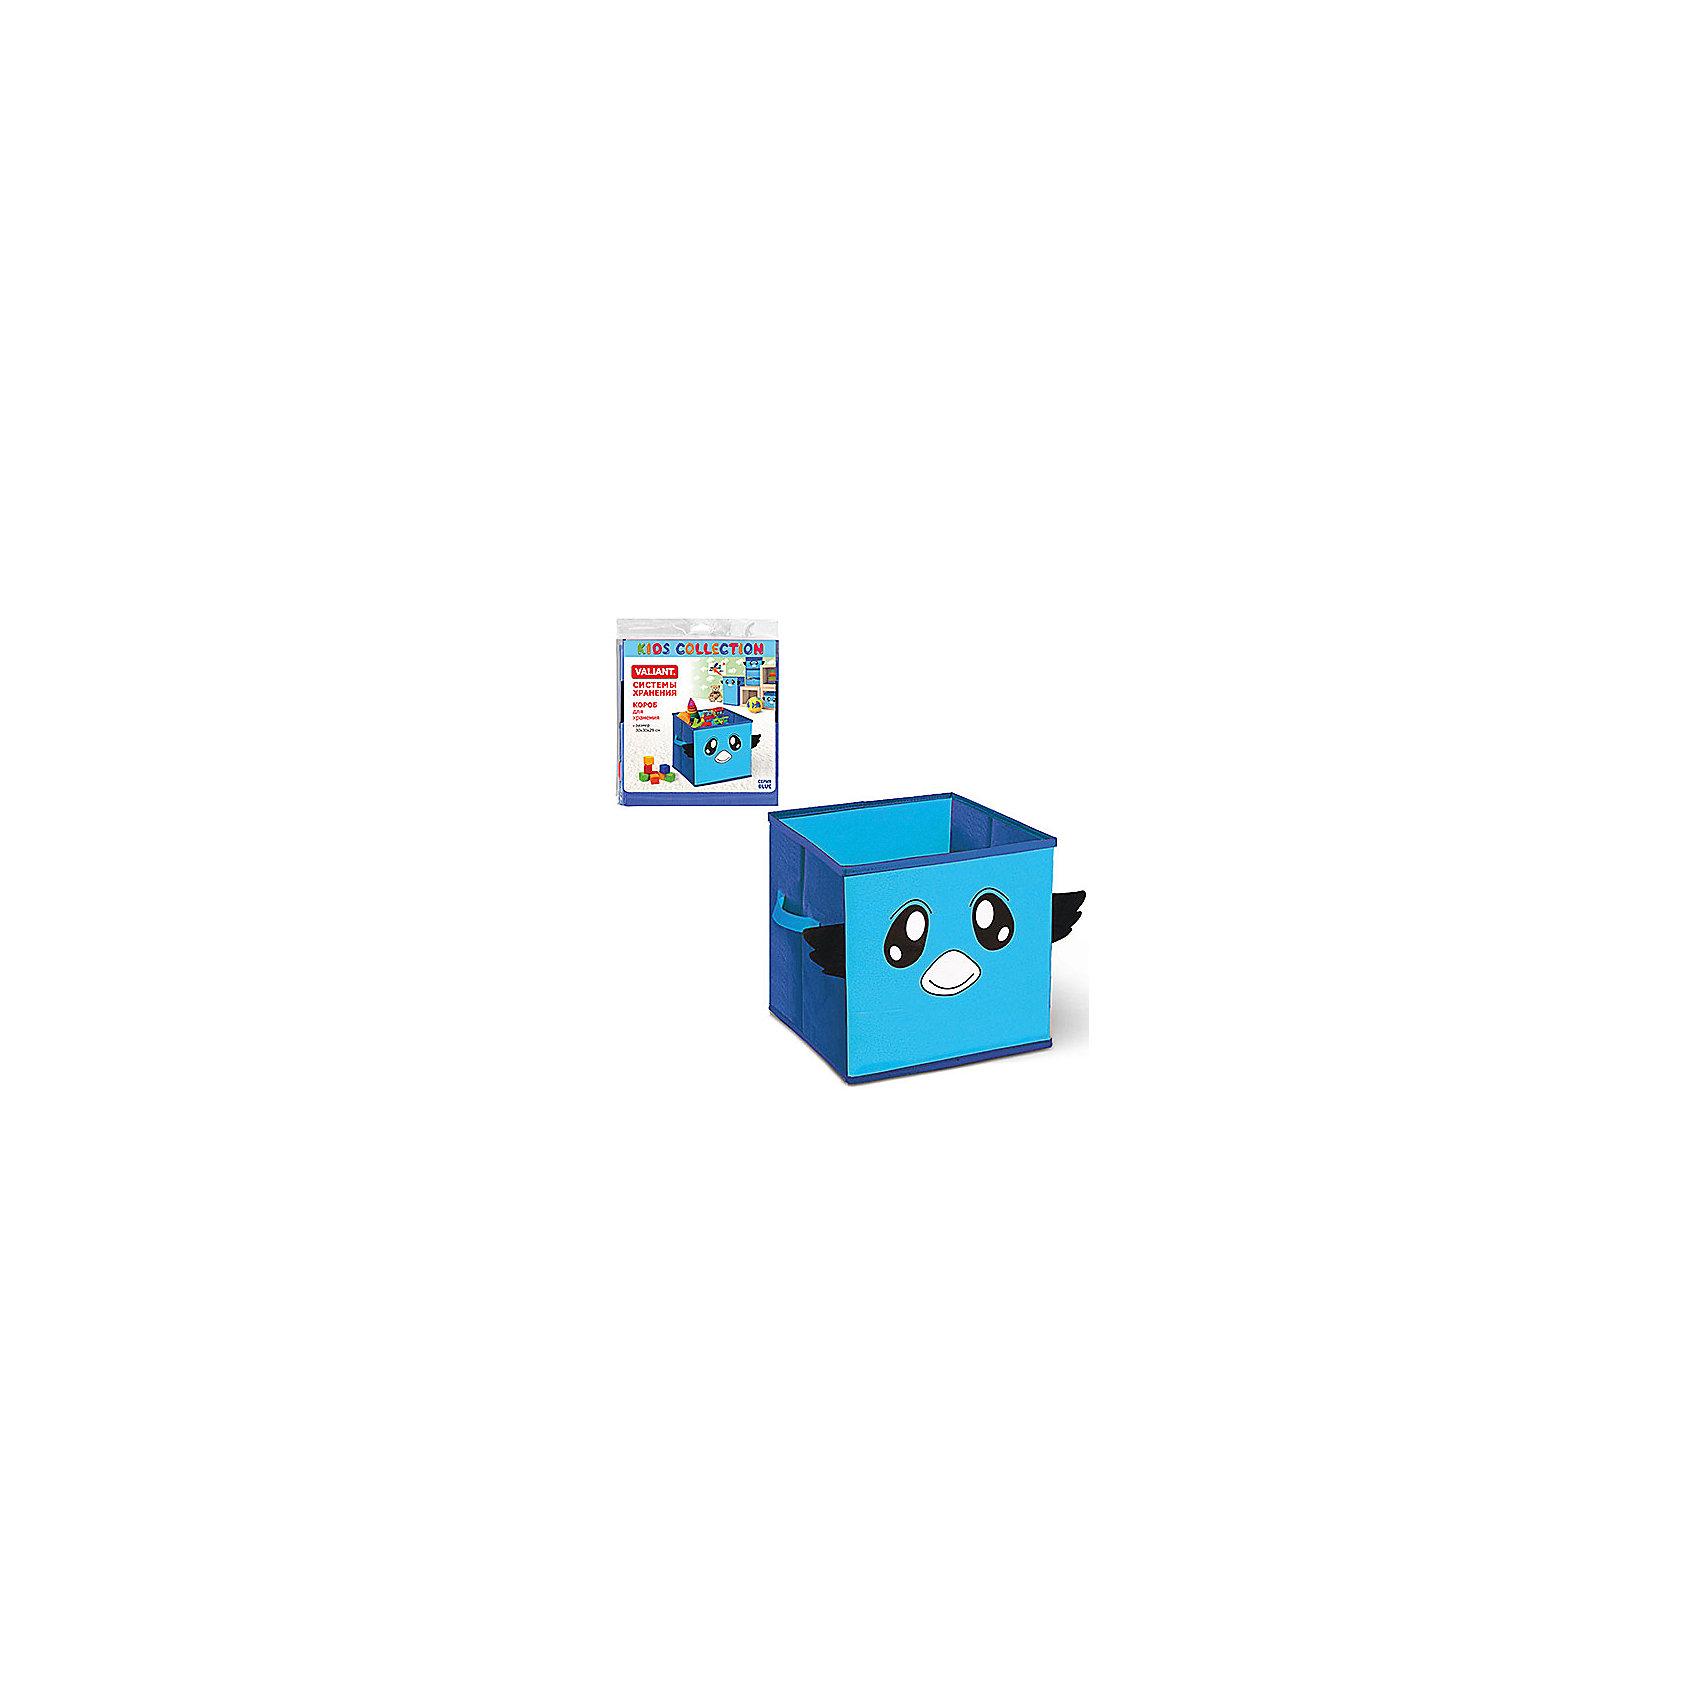 Голубой короб для хранения 30*30*29 см